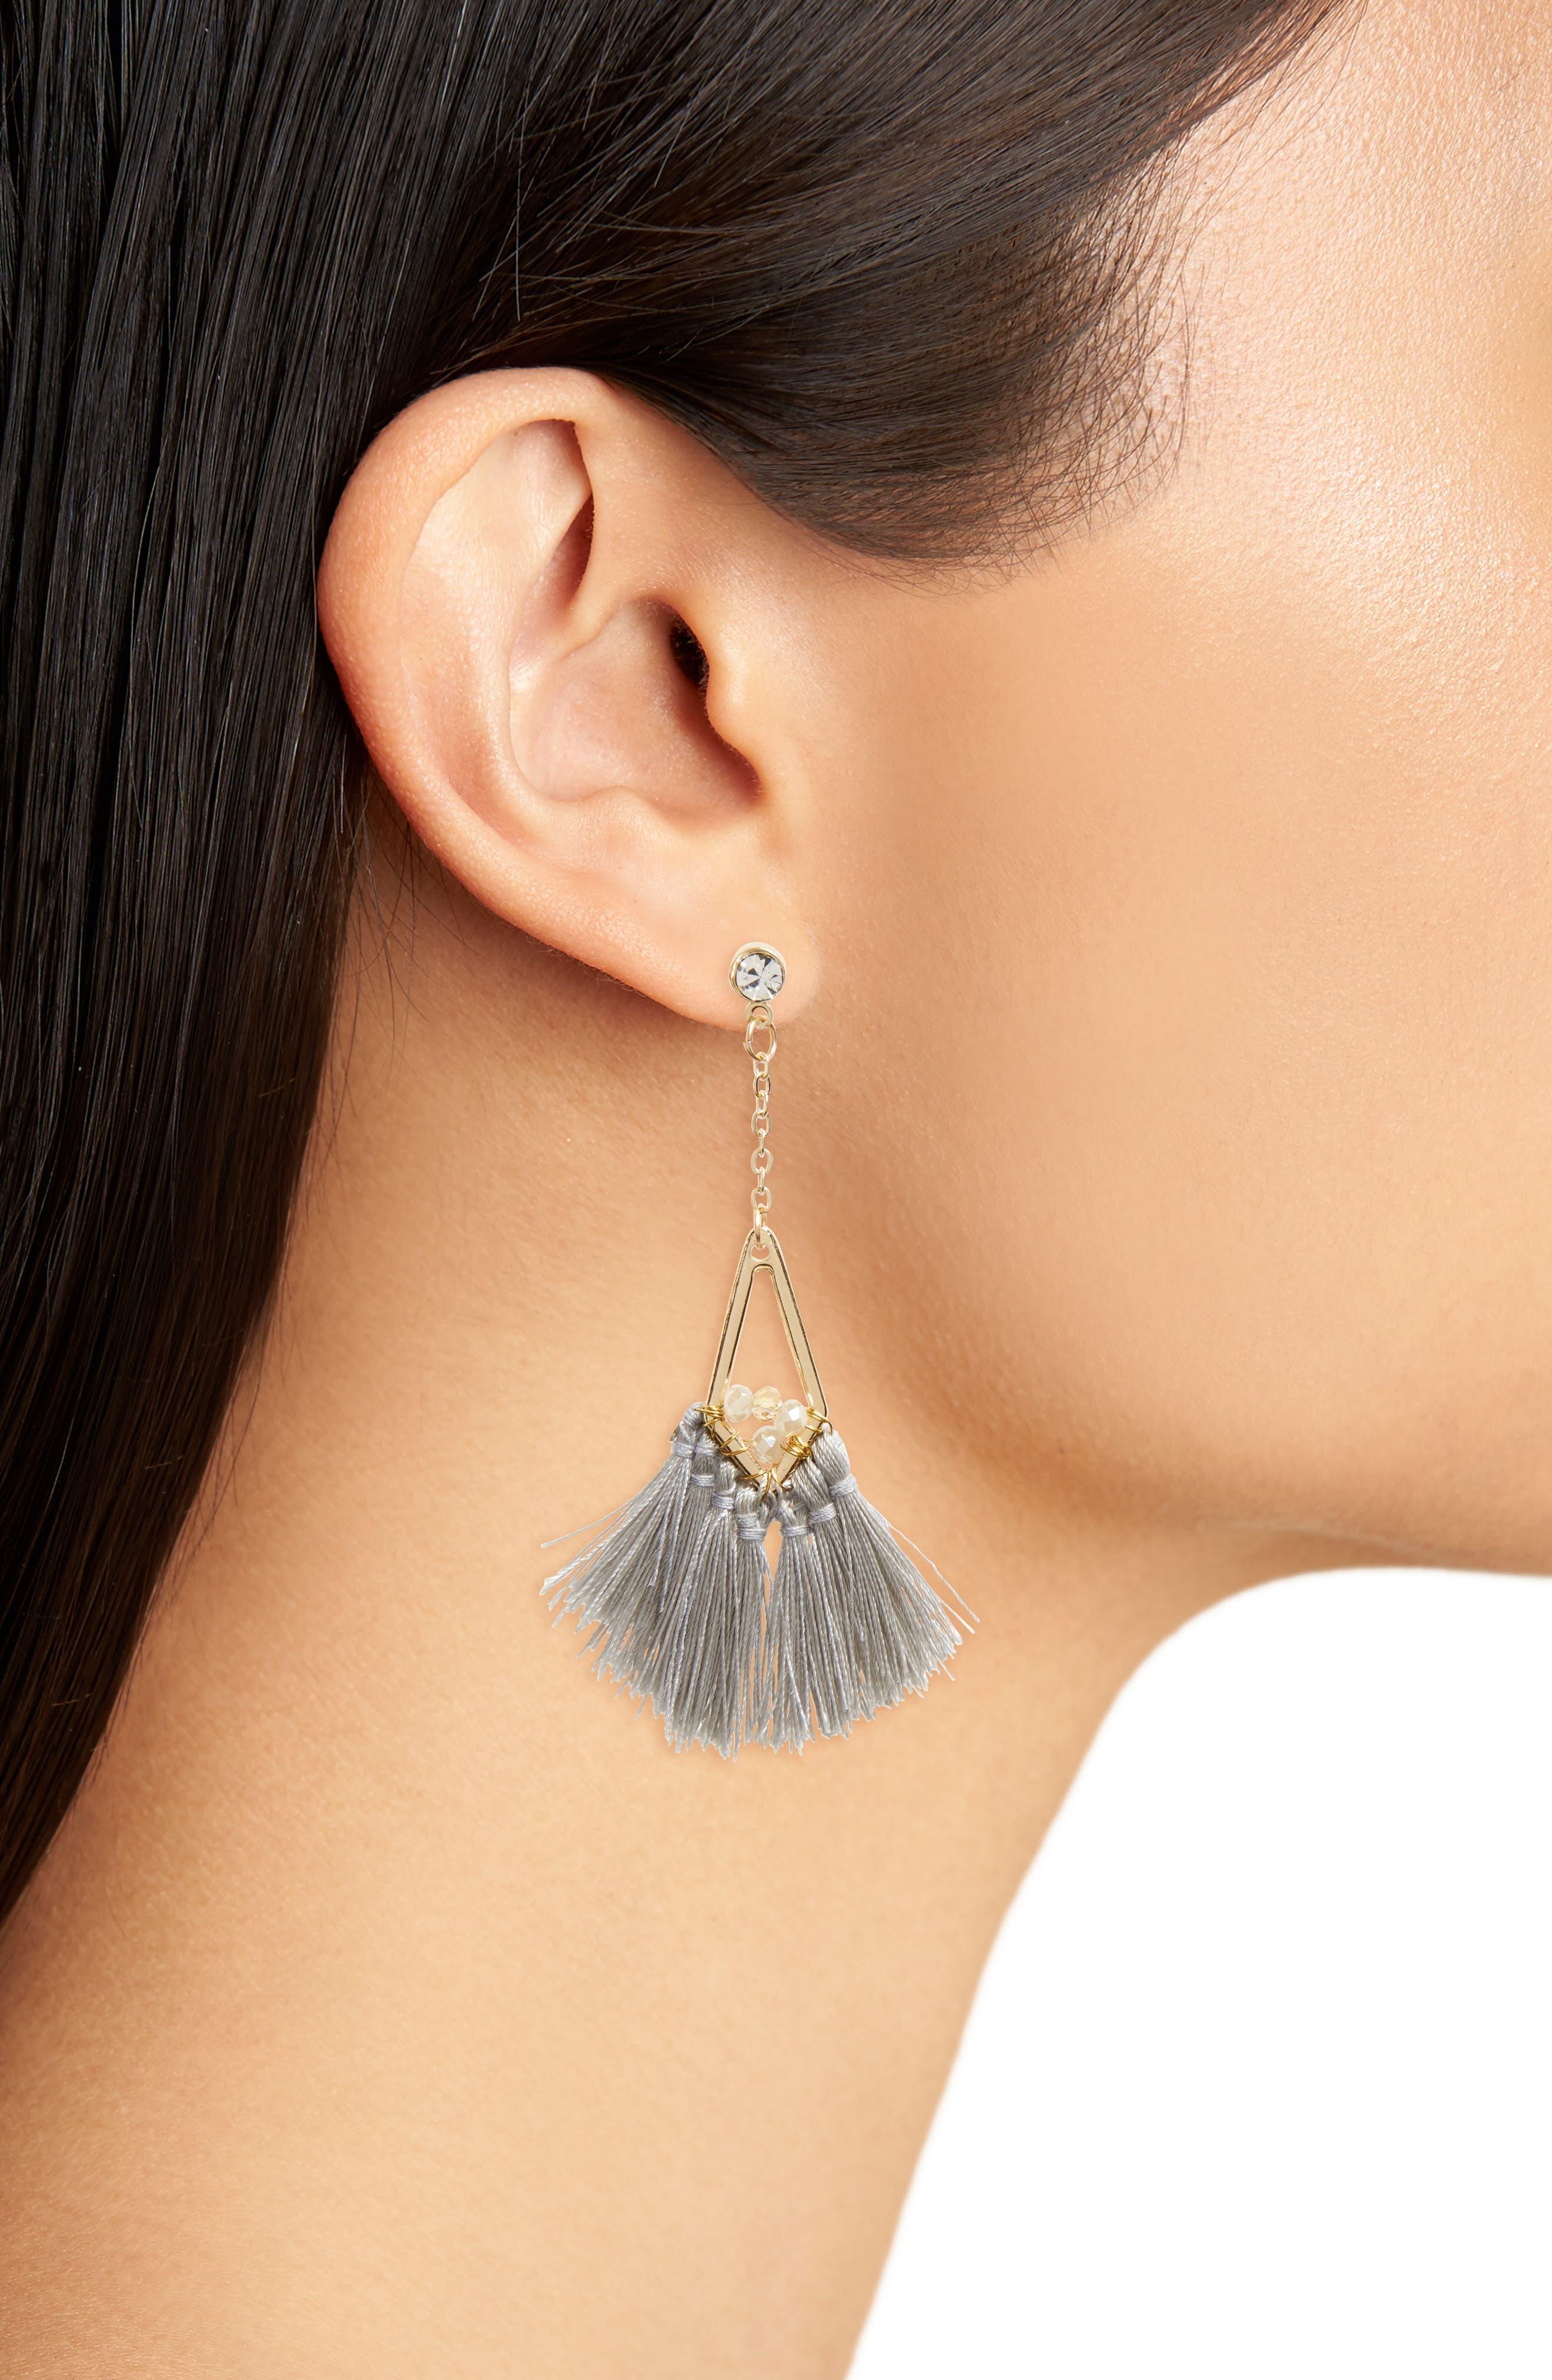 Tassel Fan Drop Earrings,                             Alternate thumbnail 2, color,                             Gold/ Crystal/ Gray